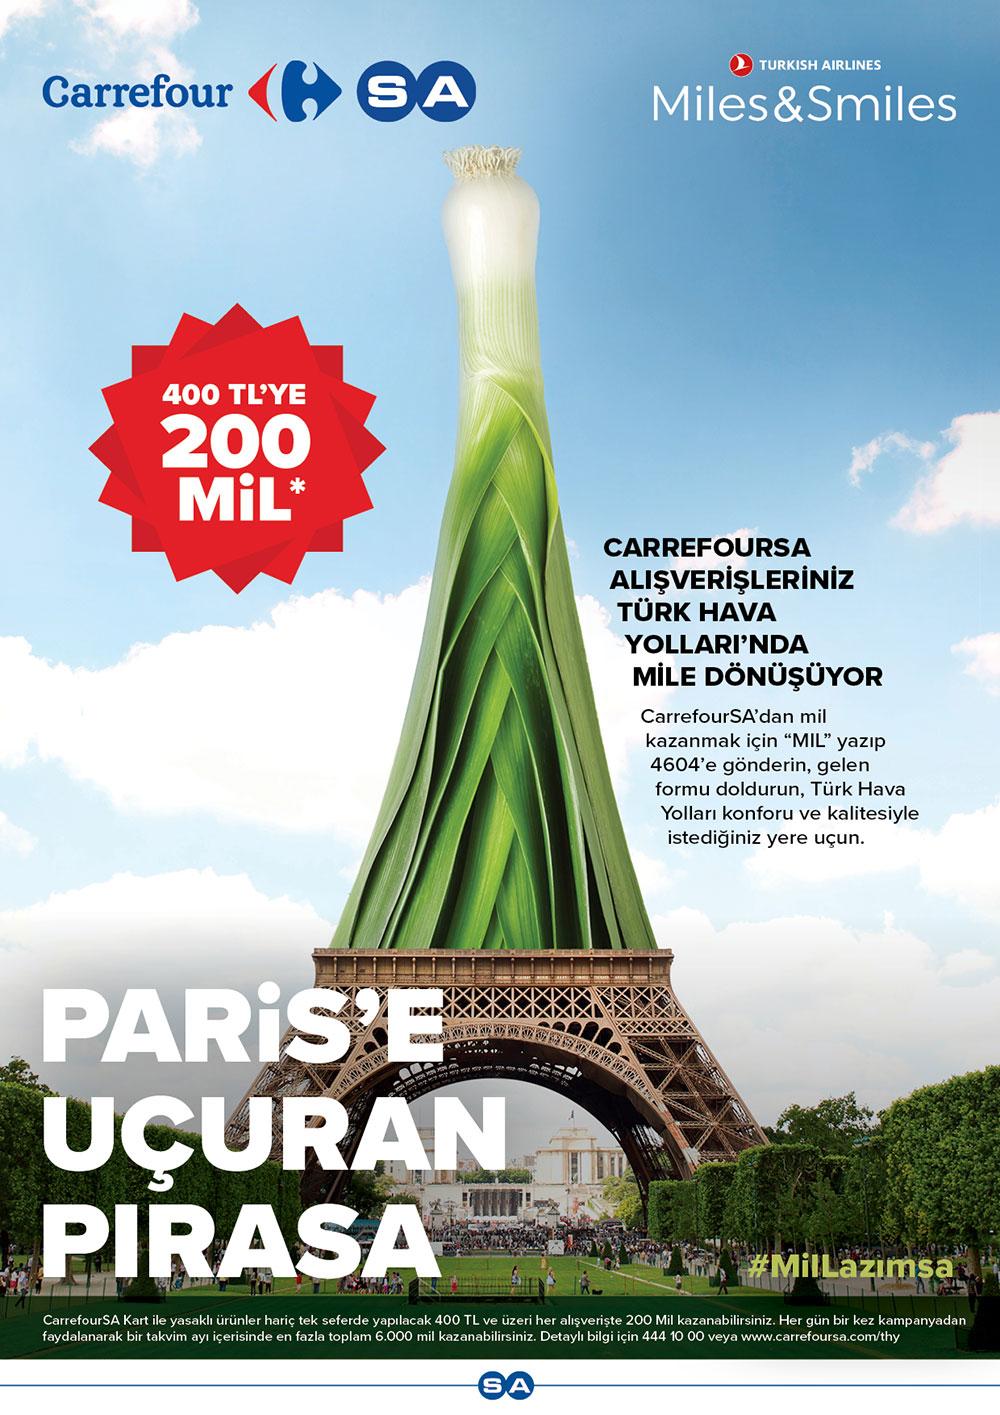 CarrefourSA alışverişleriniz Türk Hava Yolları'nda mile dönüşüyor